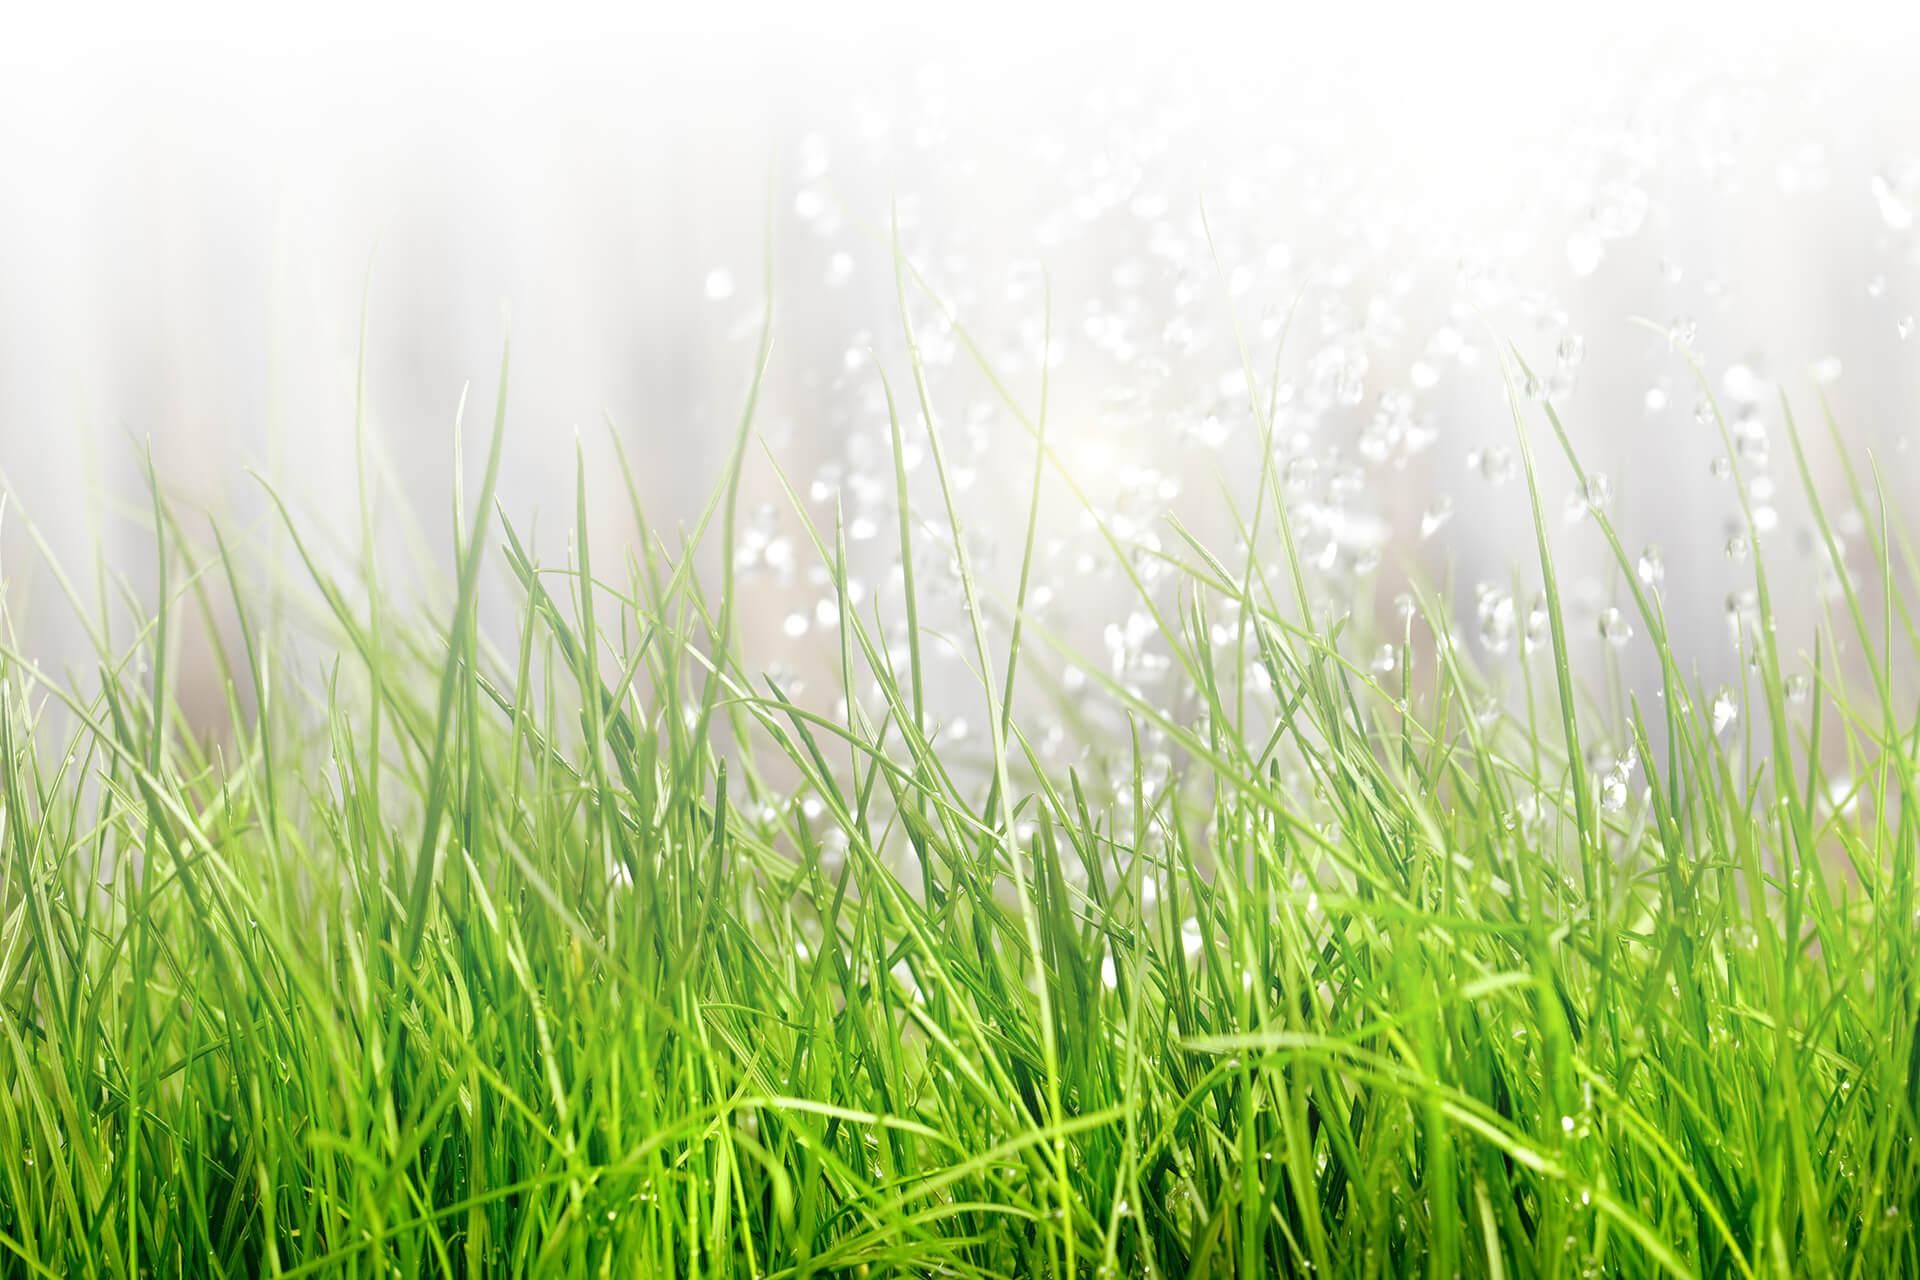 Full Size of Gartenbewsserung Einfach Professionell Selbst Verlegen Bewässerungssysteme Garten Test Loungemöbel Günstig Ausziehtisch Fussballtor Lärmschutzwand Kosten Garten Bewässerungssysteme Garten Test